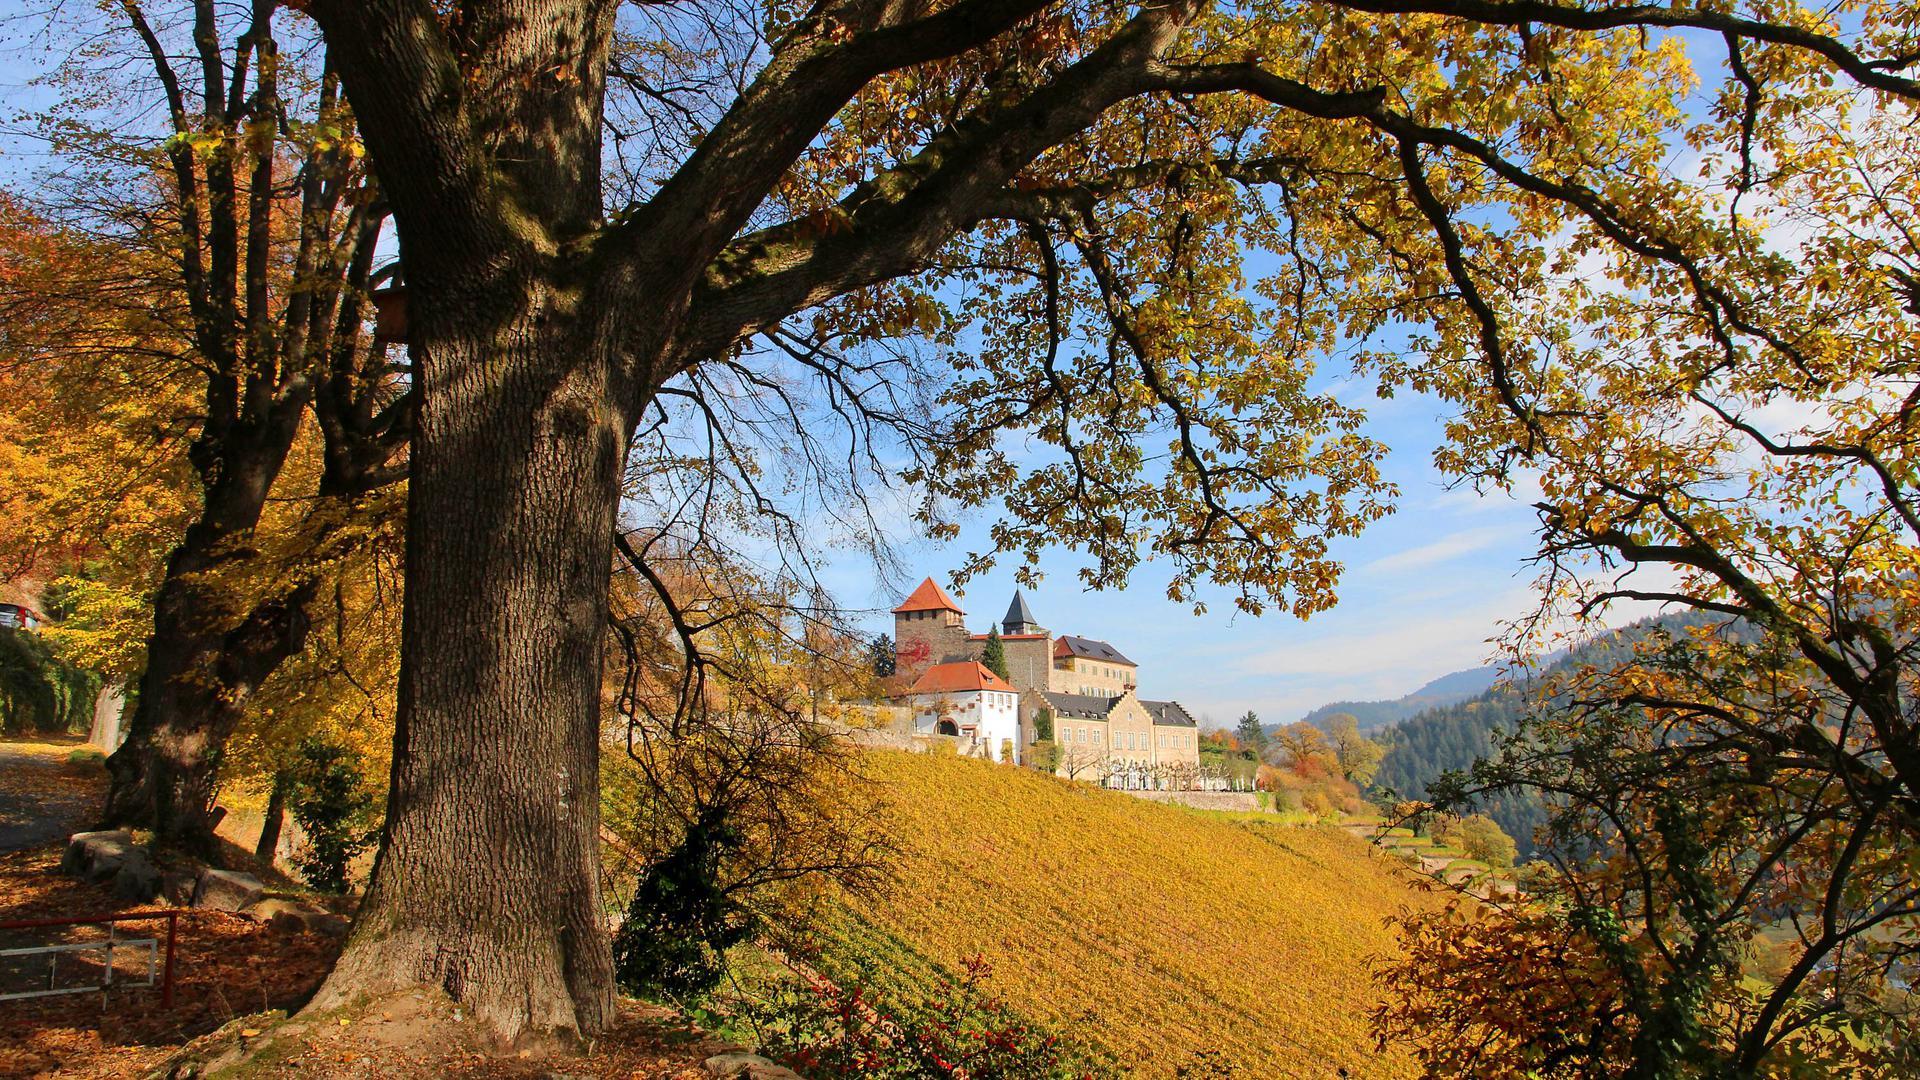 Schoss Eberstein im warmen Licht der Herbstsonne, Foto vom 04.11.2018